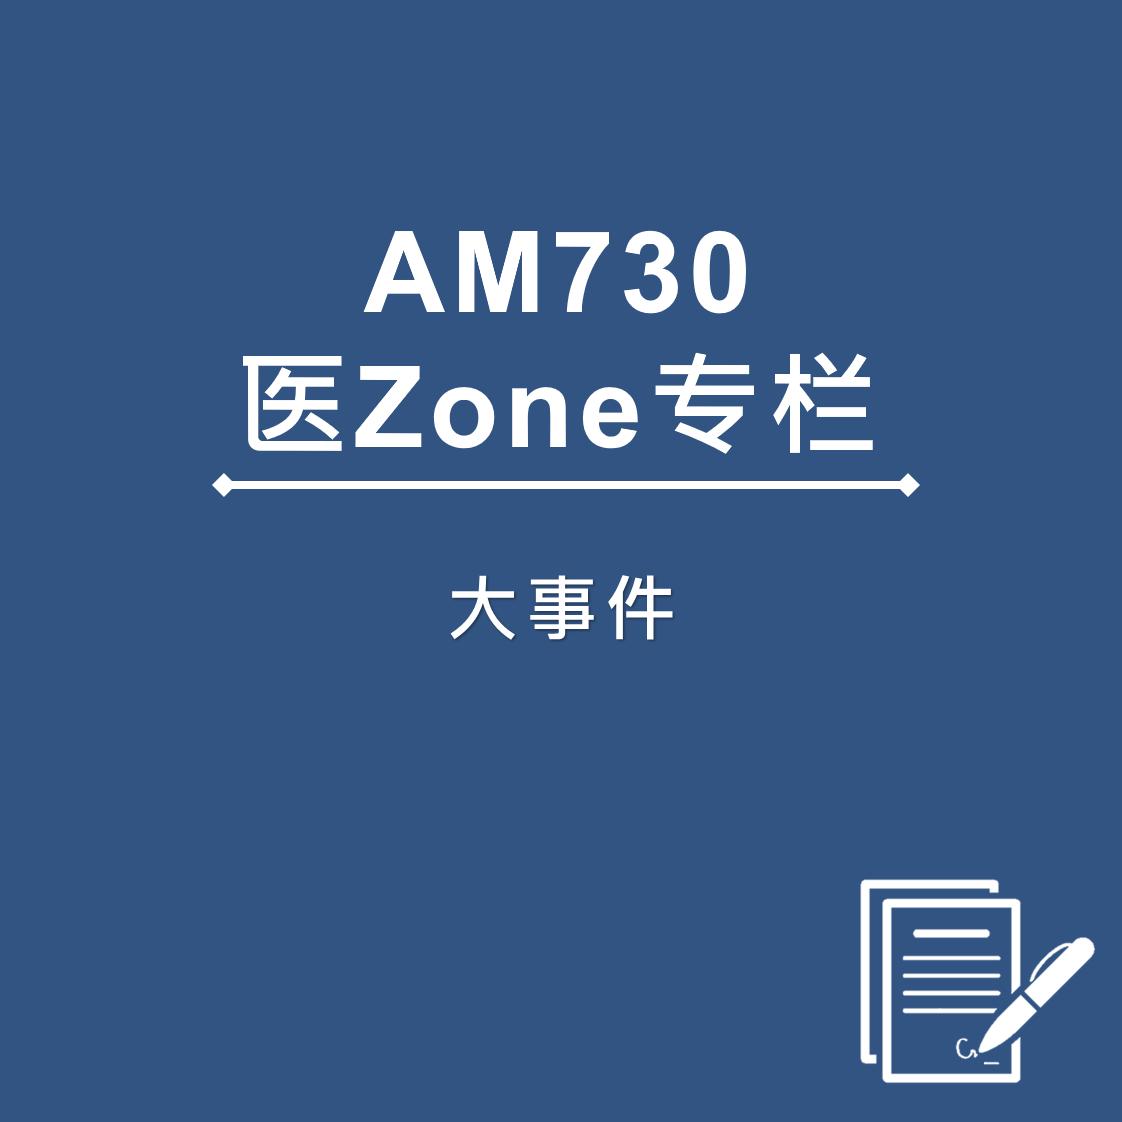 AM730 医Zone 专栏 - 大事件